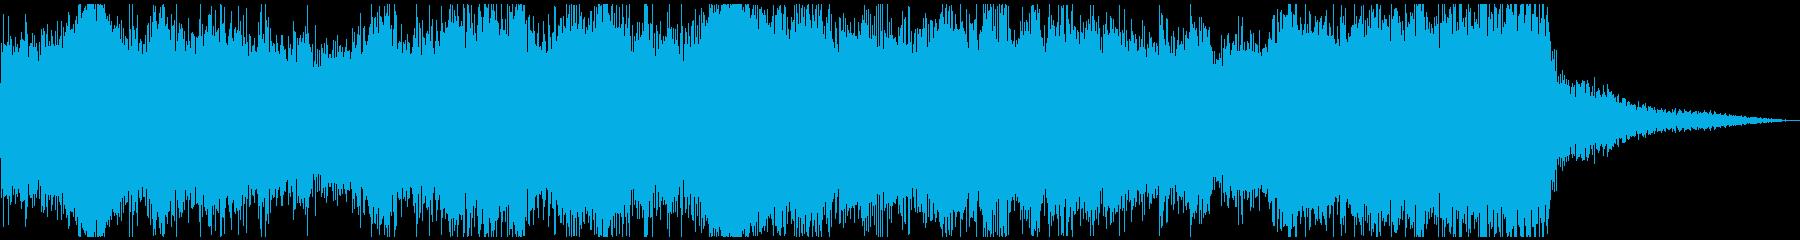 栄光を称賛する壮大なファンファーレの再生済みの波形